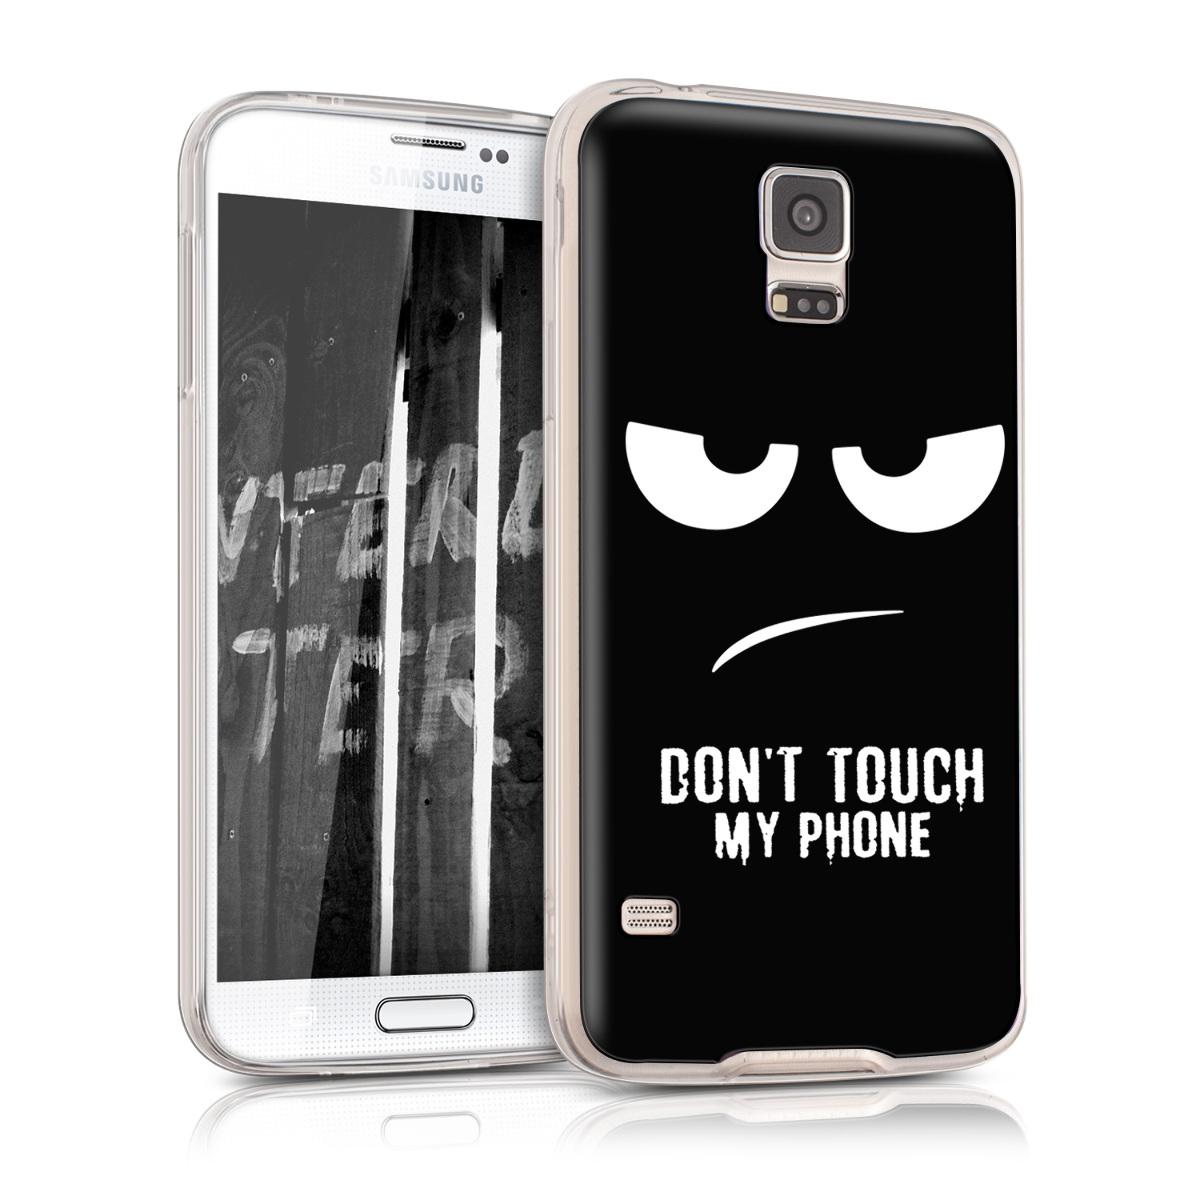 Kvalitní silikonové TPU pouzdro pro Samsung S5 | S5 Neo - Nedotýkejte My Phone bílé / černé